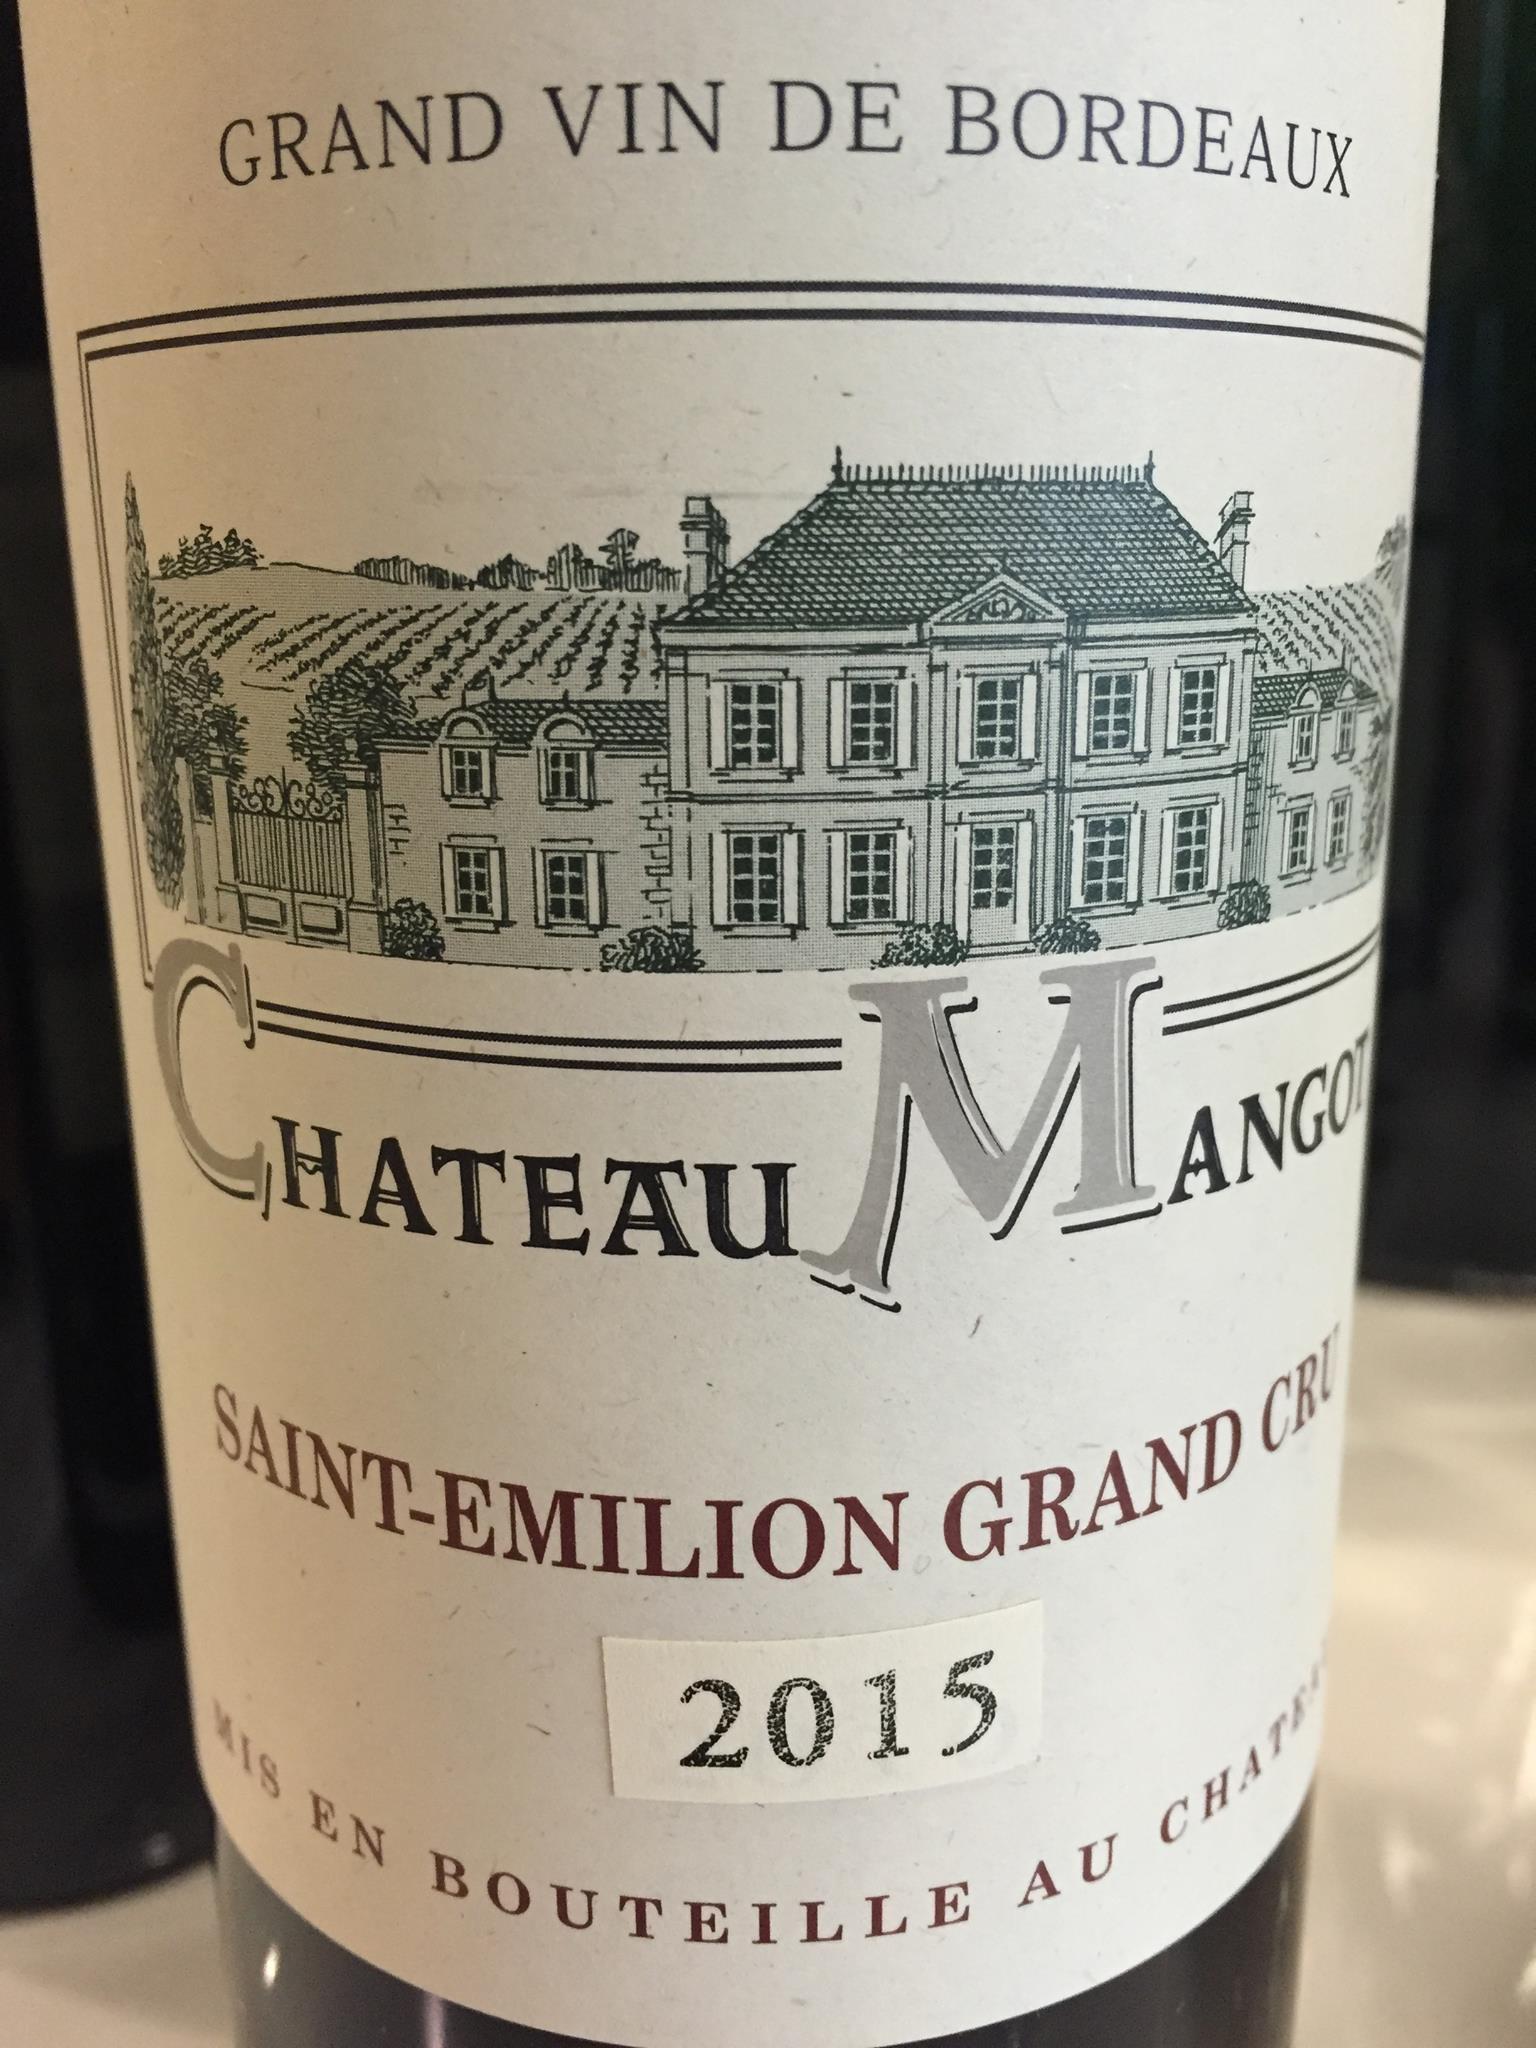 Château Mangot 2015 – Saint-Emilion Grand Cru